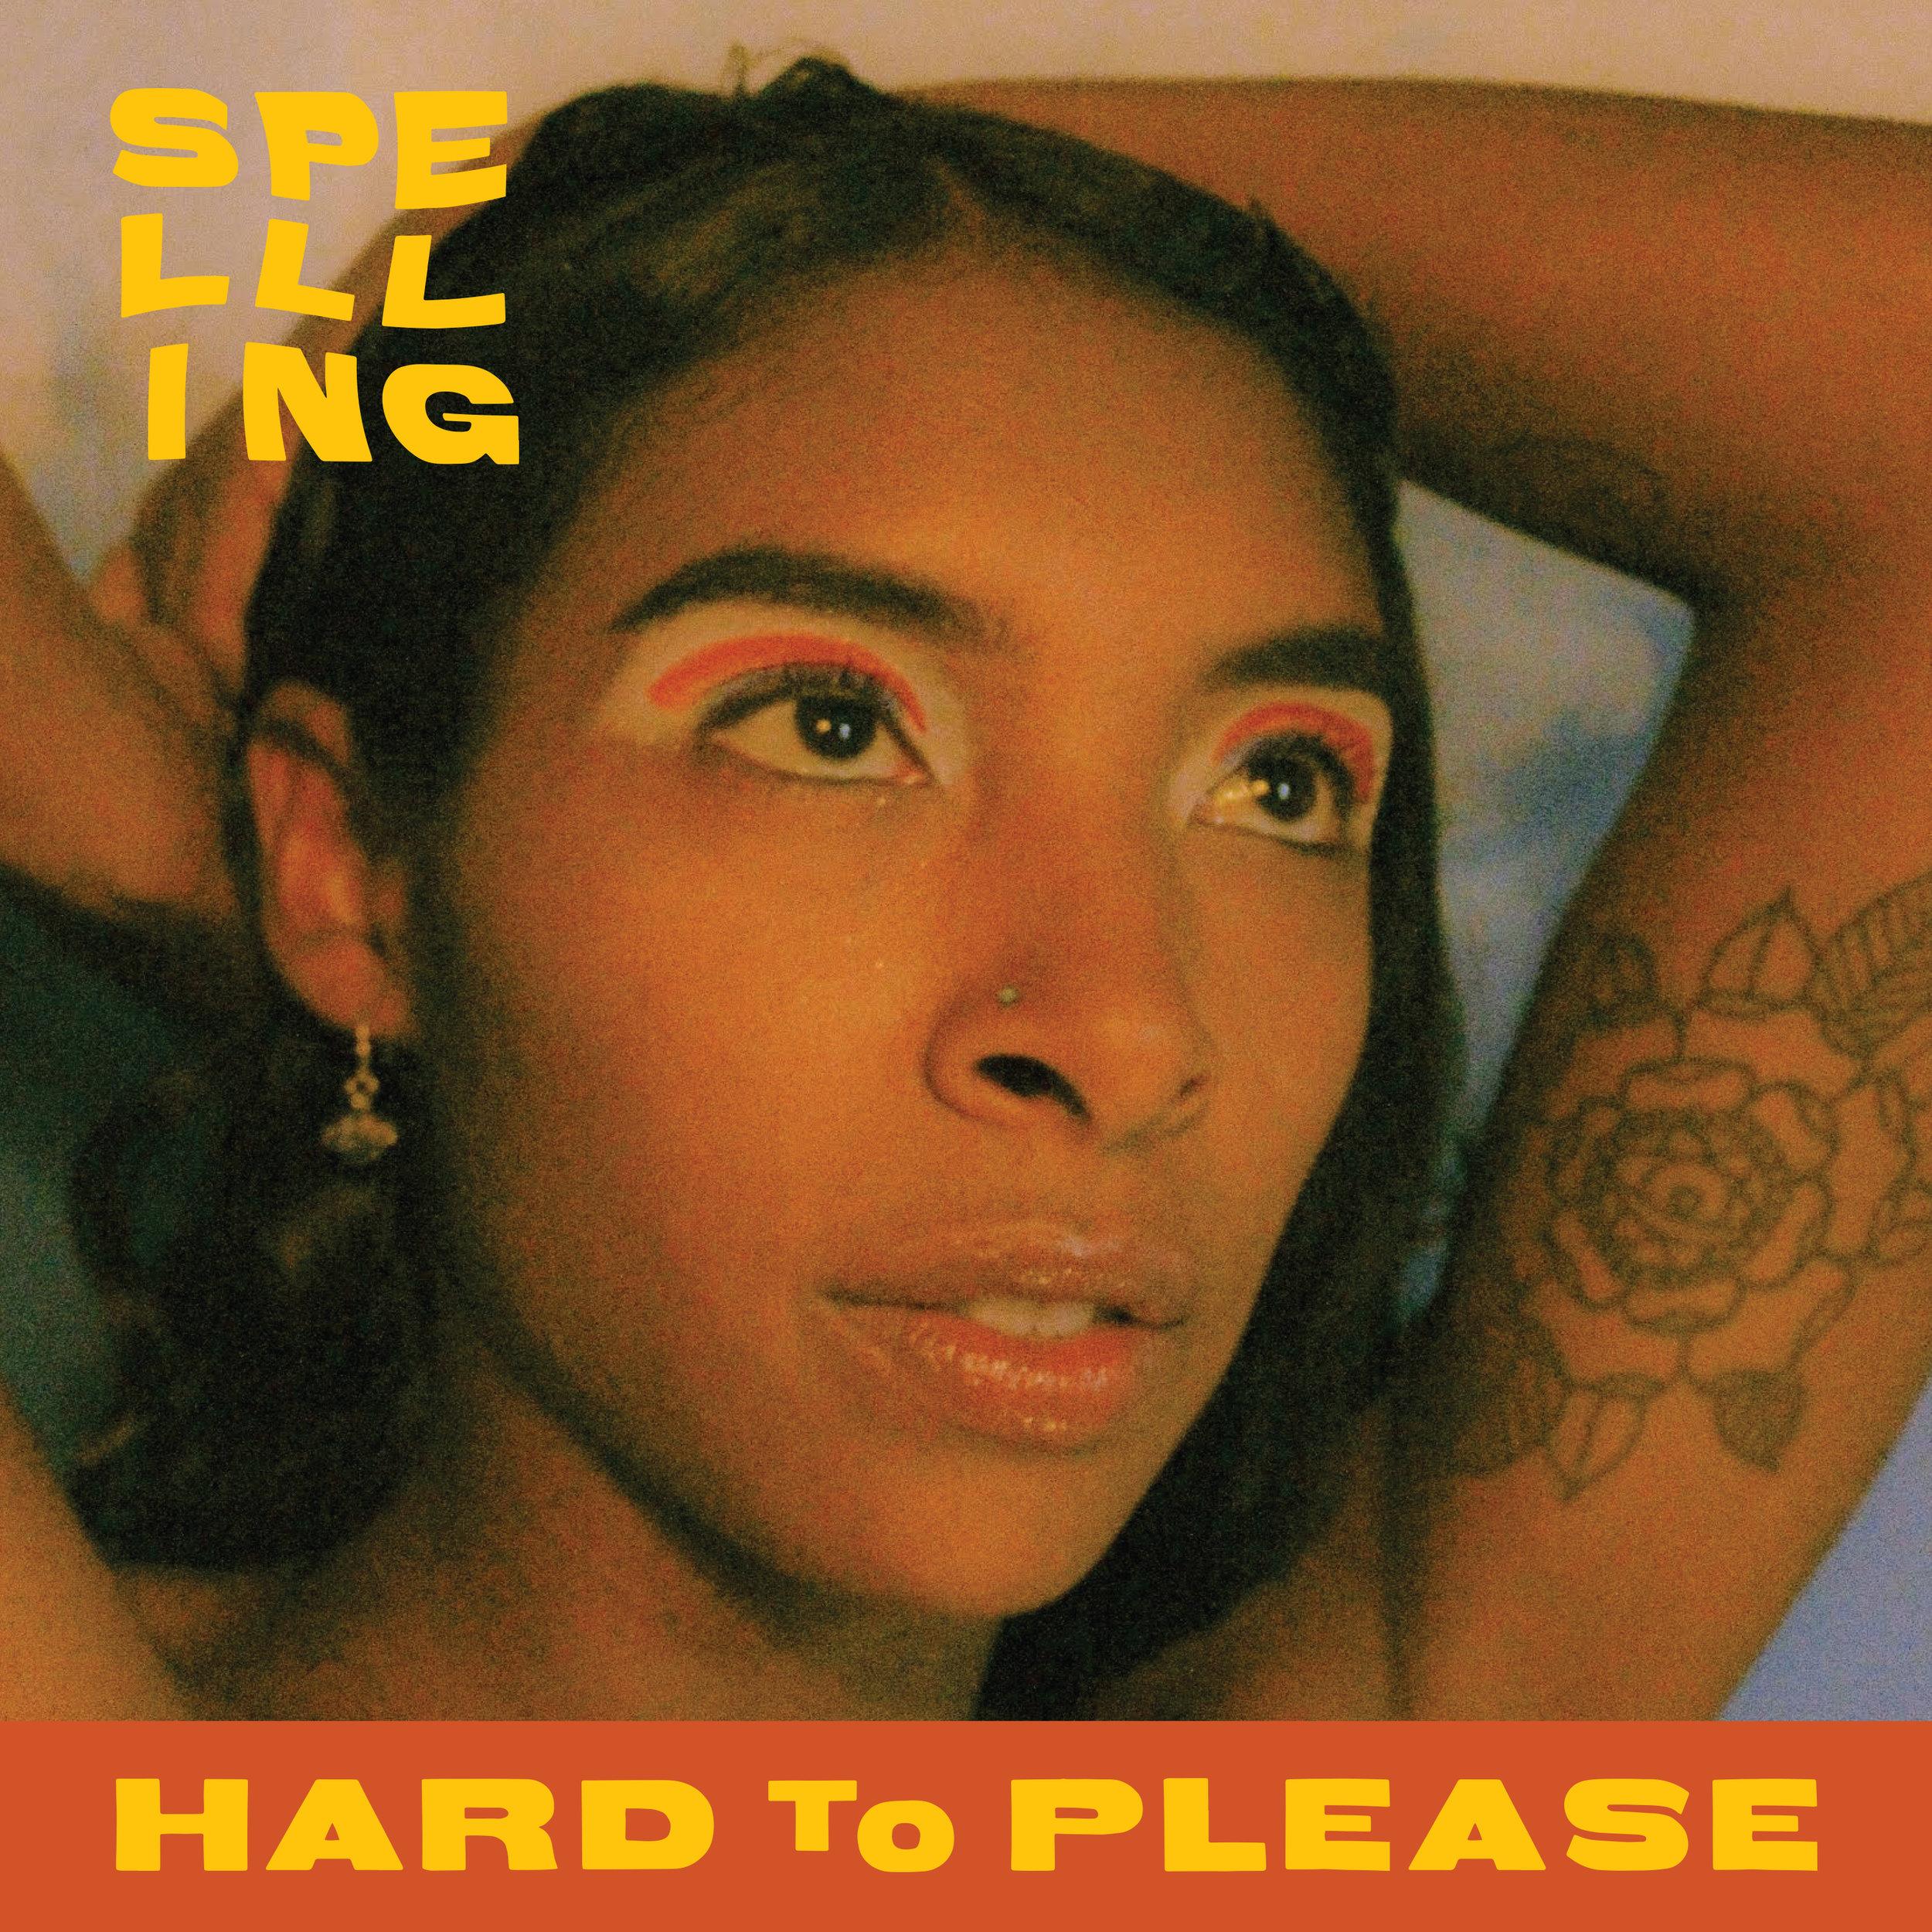 Spellling_Hard to Please_Alt Album Cover FINAL.jpg